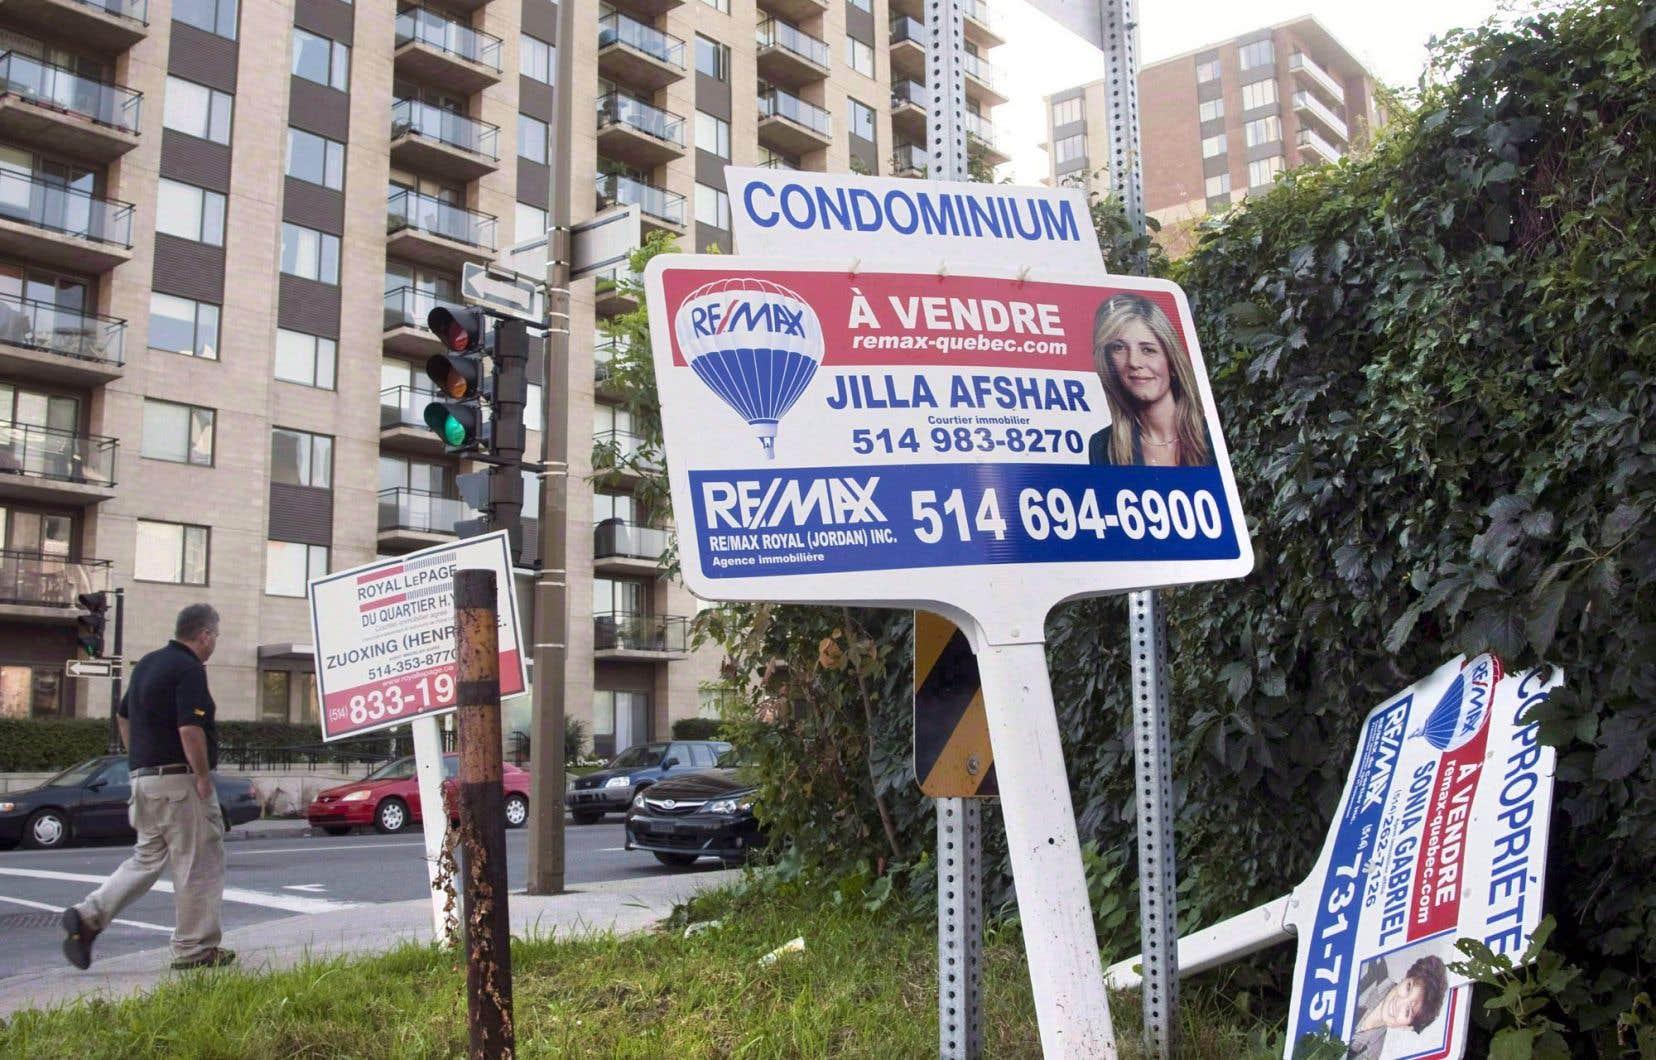 La demande de logements serait stimulée en 2018 et en 2019 au Québec en raison de la forte croissance de l'emploi et de la rémunération.